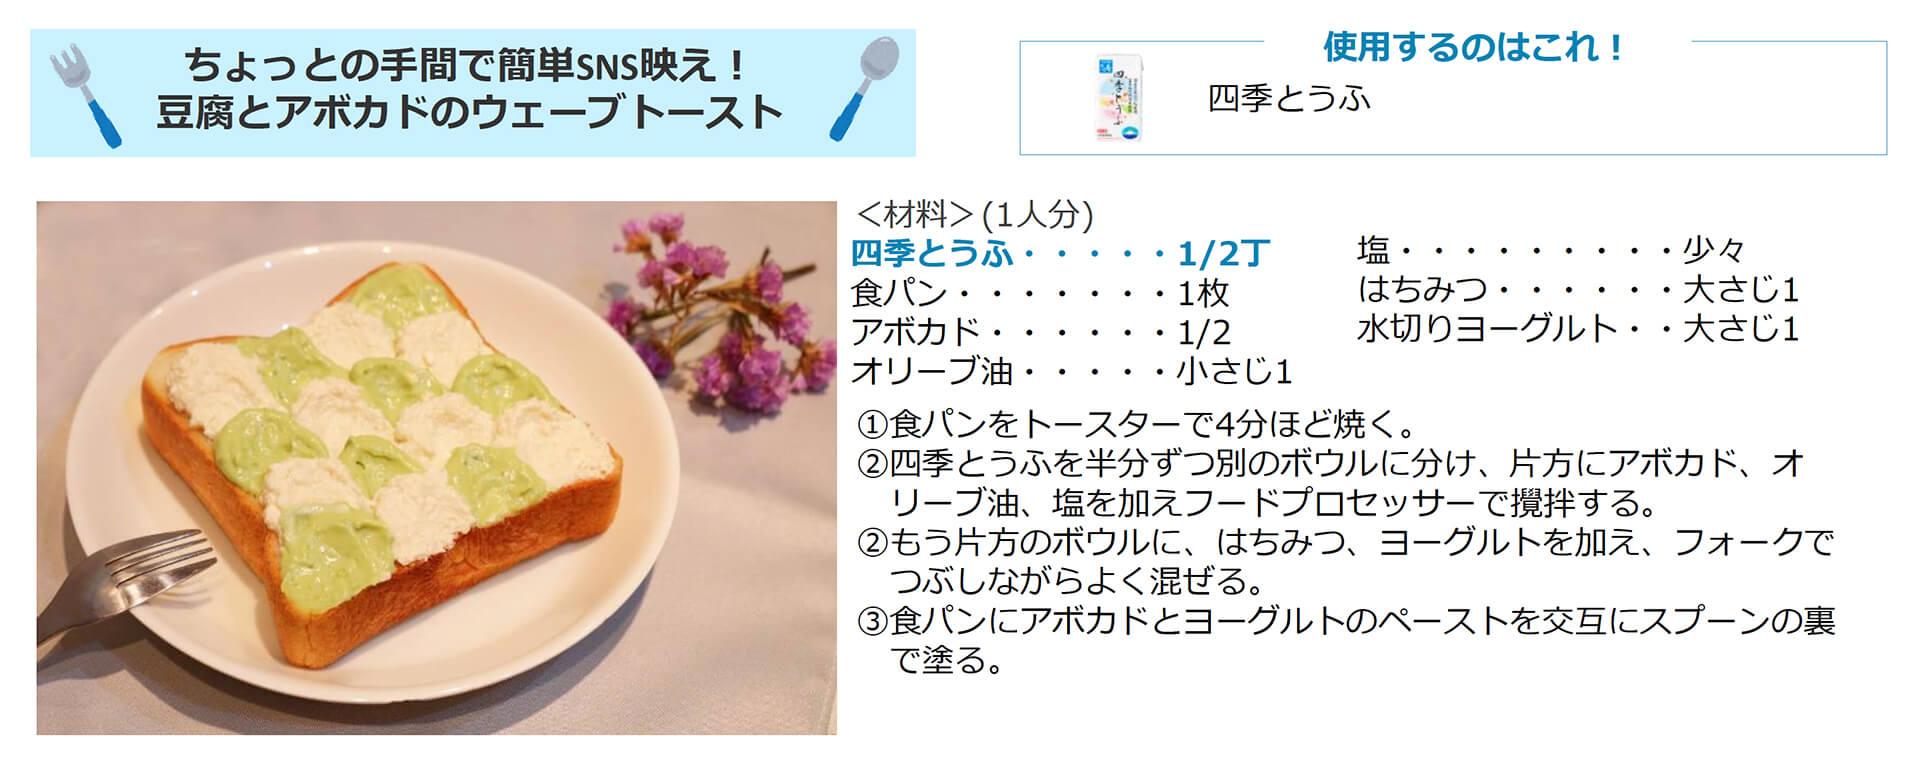 """超簡単な""""大豆食""""で作る ヘルシーなフォトジェニックレシピ"""